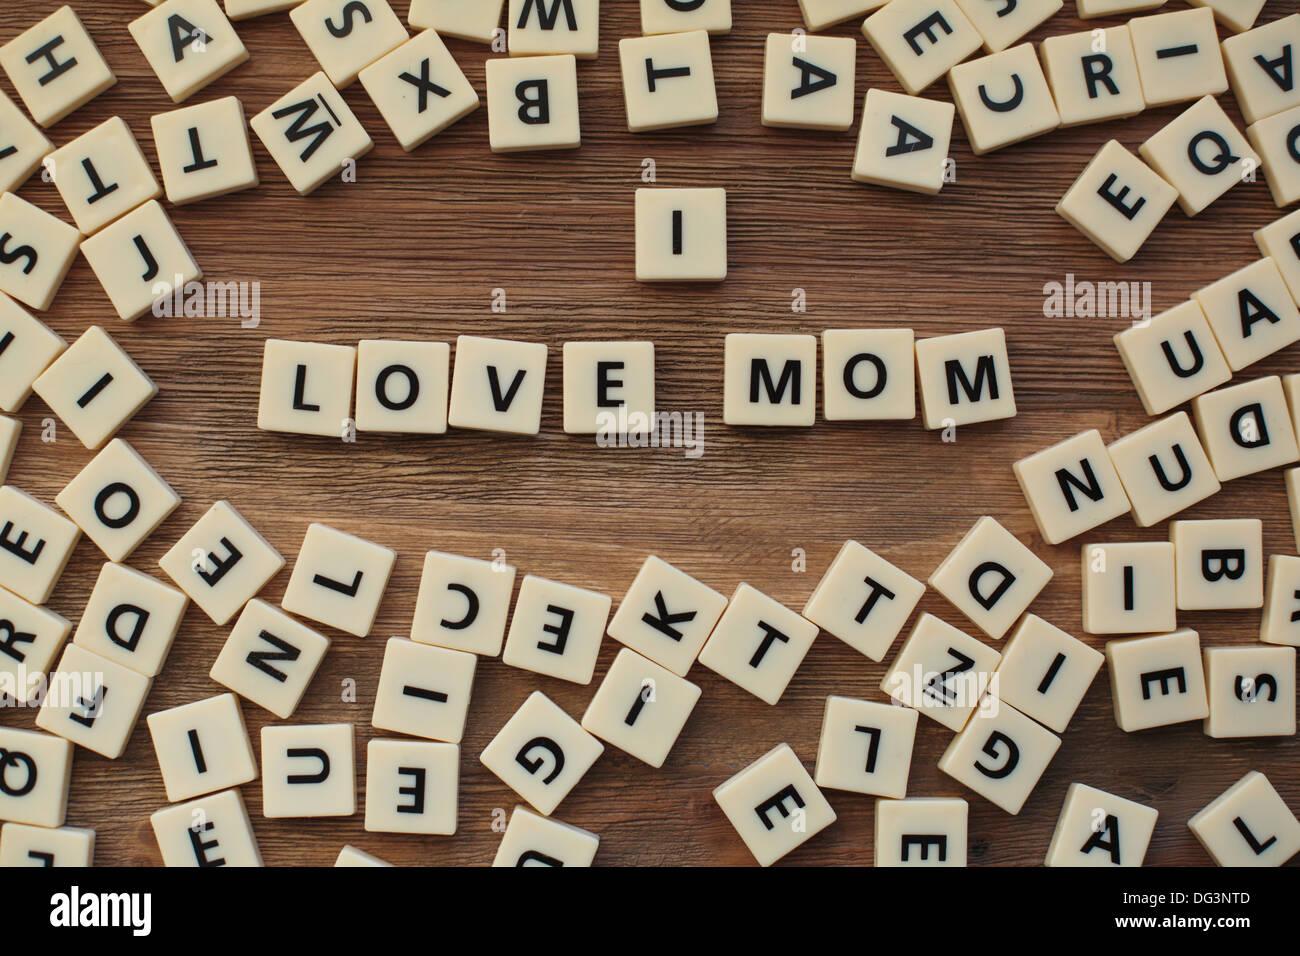 """Lettere di plastica da un childrens' ortografia gioco su un tavolo in legno scrivi """"Io amo mamma"""" Immagini Stock"""